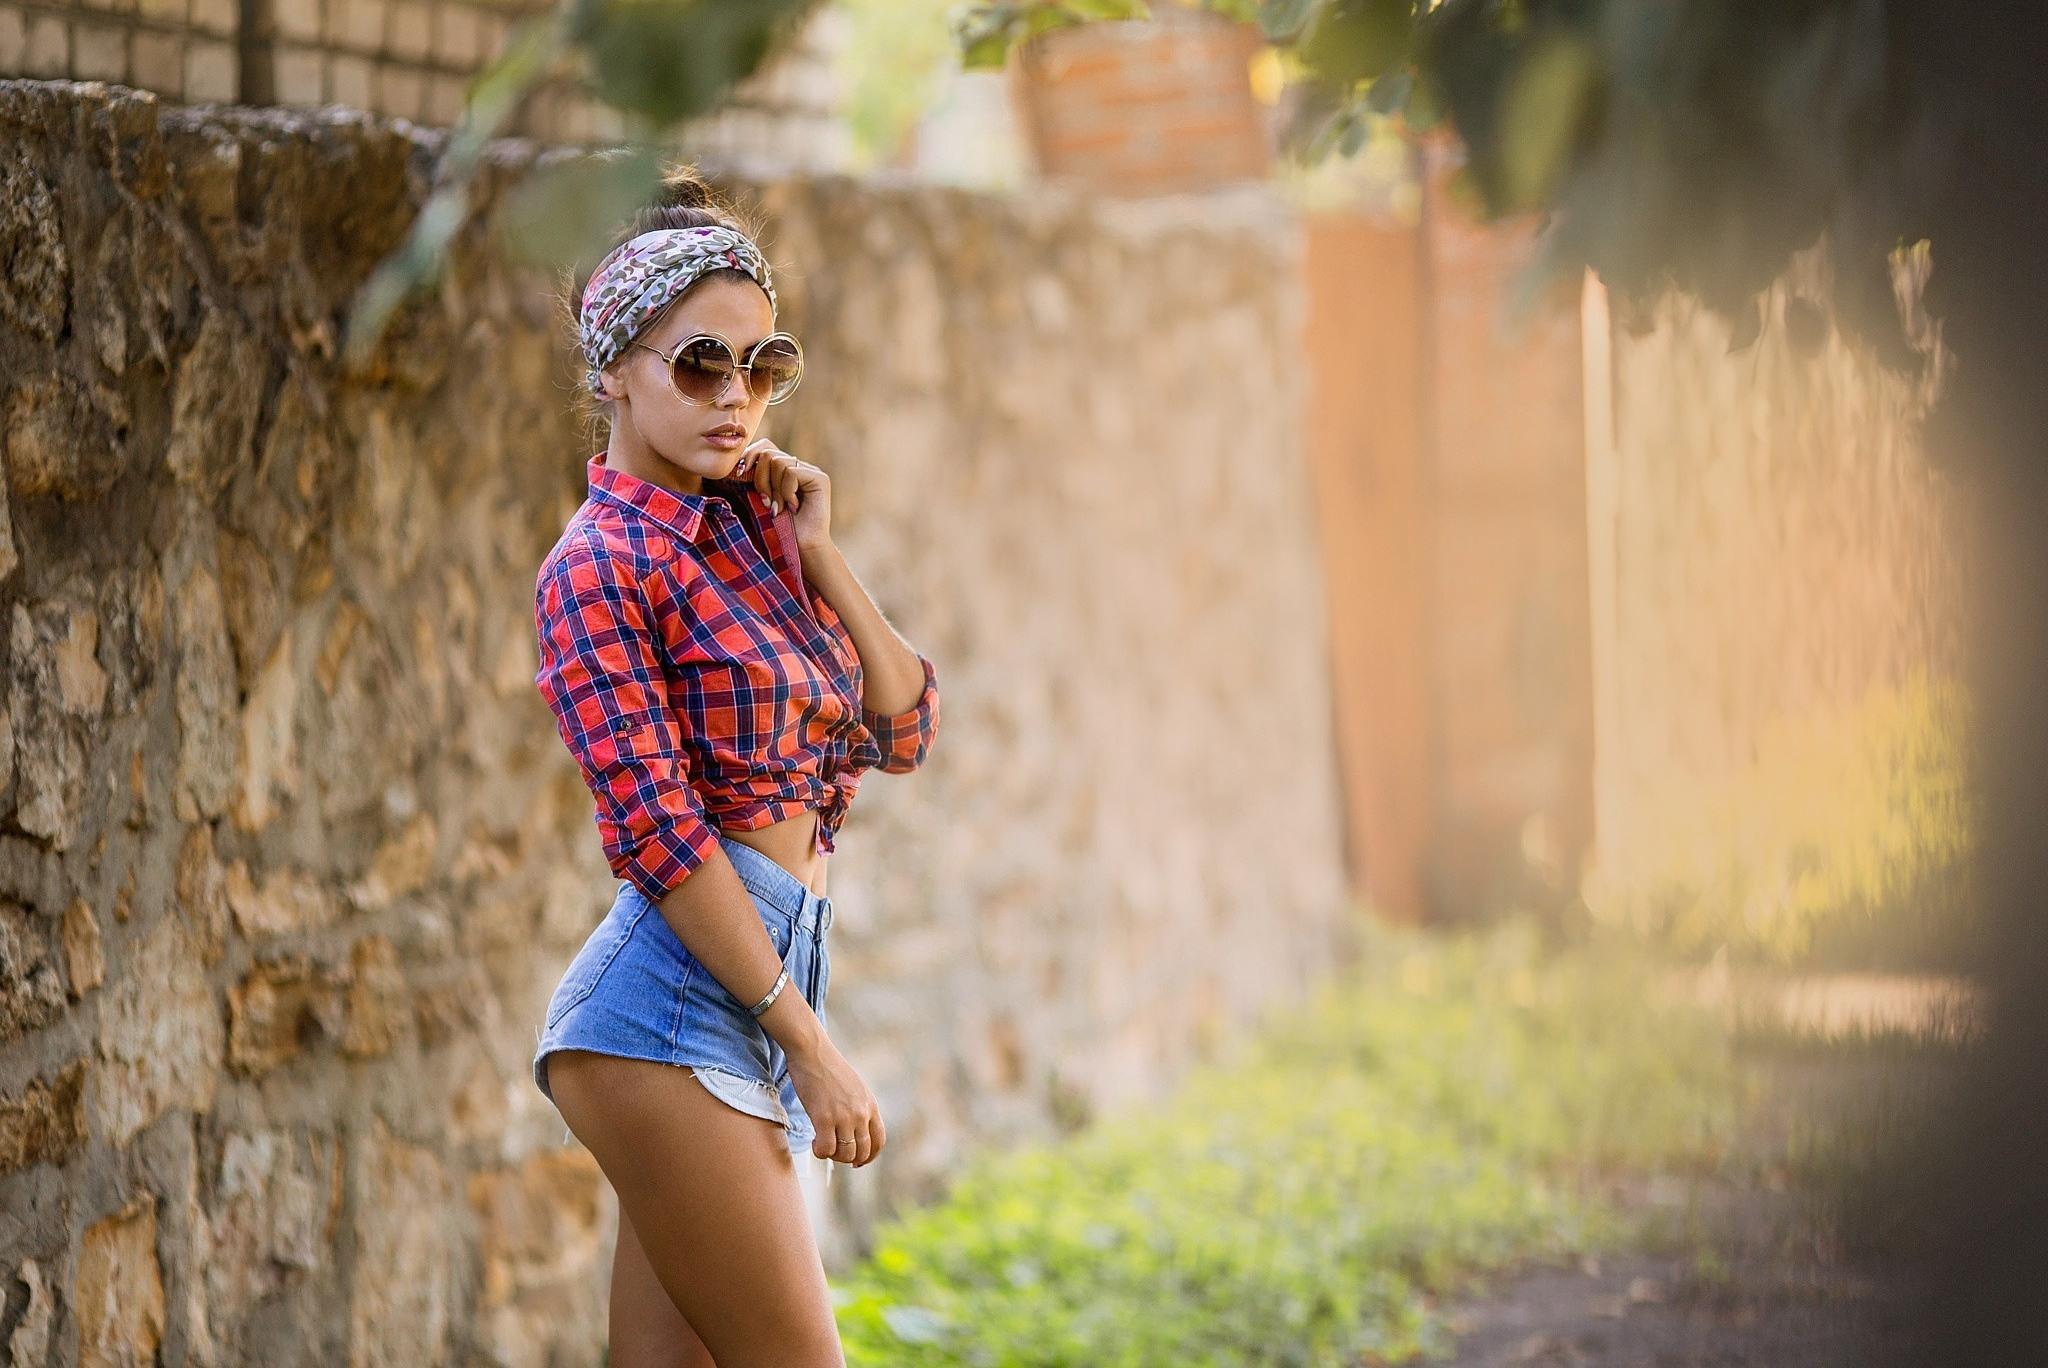 Фото Девушка гуляет в коротких джинсовых шортиках, розовая клетчатая рубашка, очки, бандана, сексуальная фигура, упругие бедра, скачать картинку бесплатно